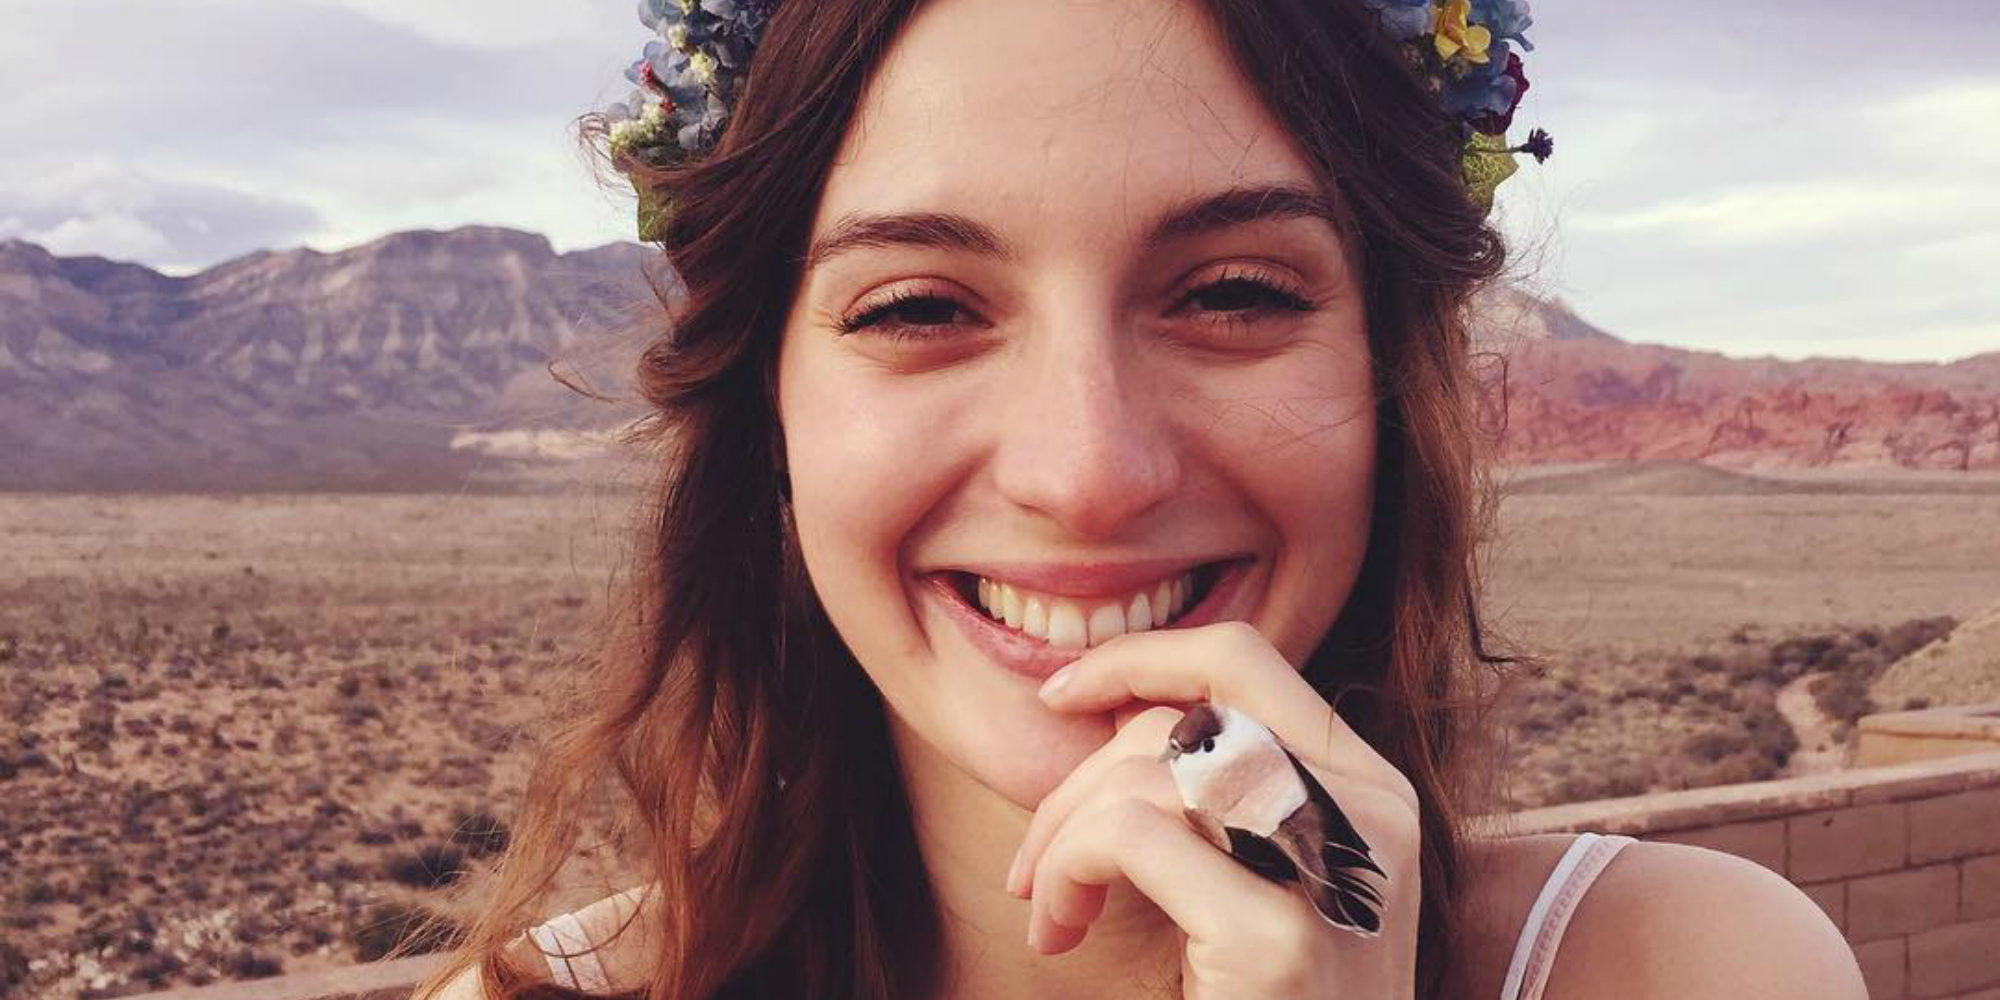 Los 3 grandes amores de María Valverde